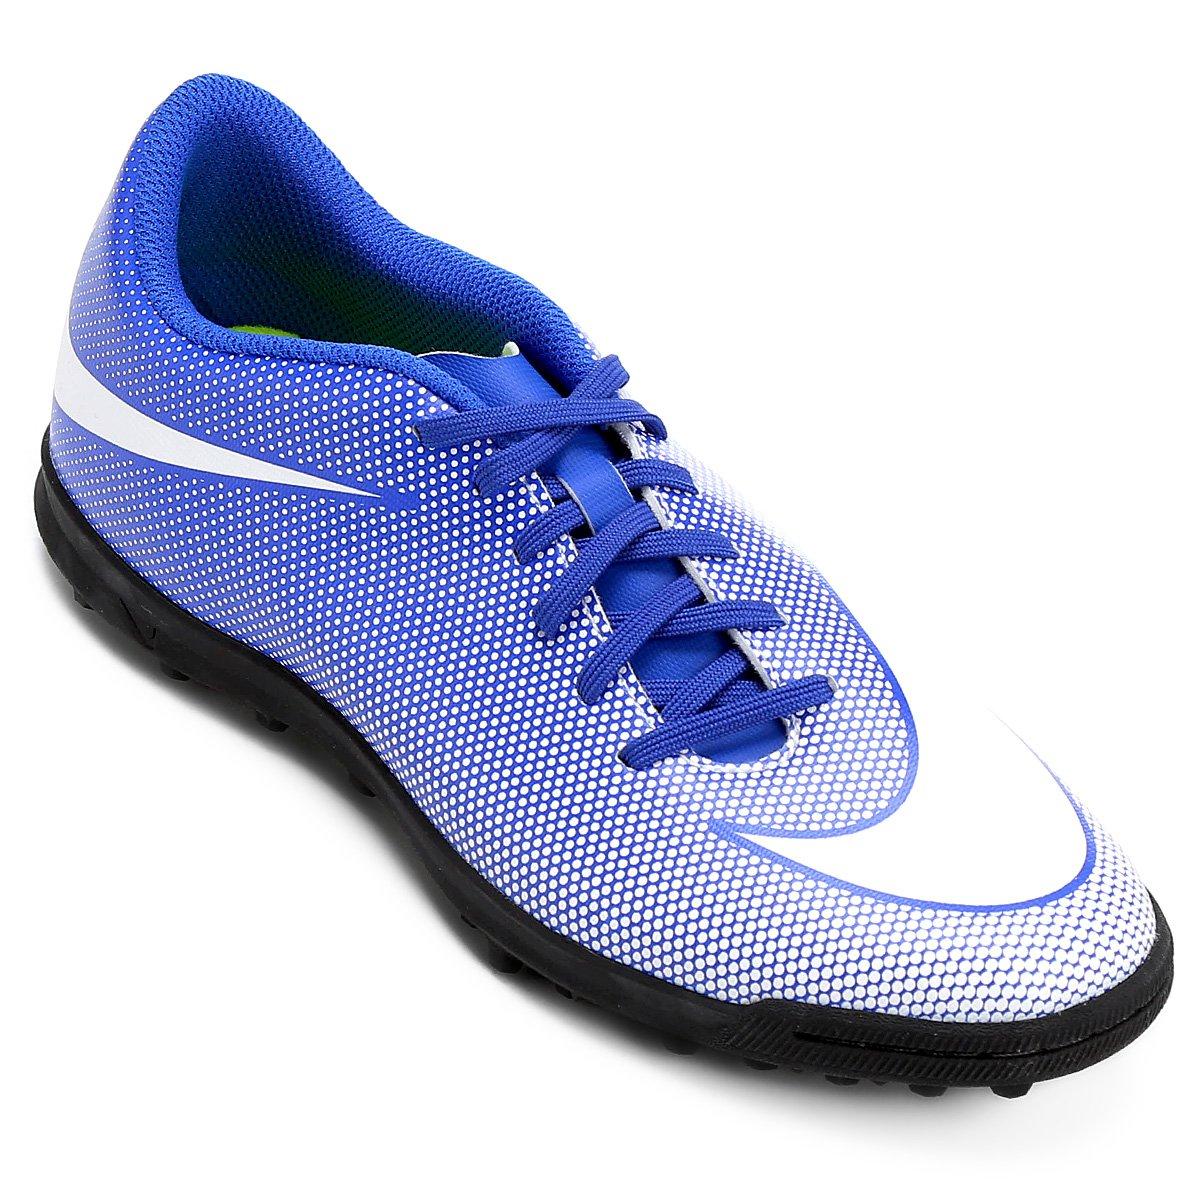 2e83562c62 Chuteira Society Nike Bravata 2 TF - Azul e Branco - Compre Agora ...